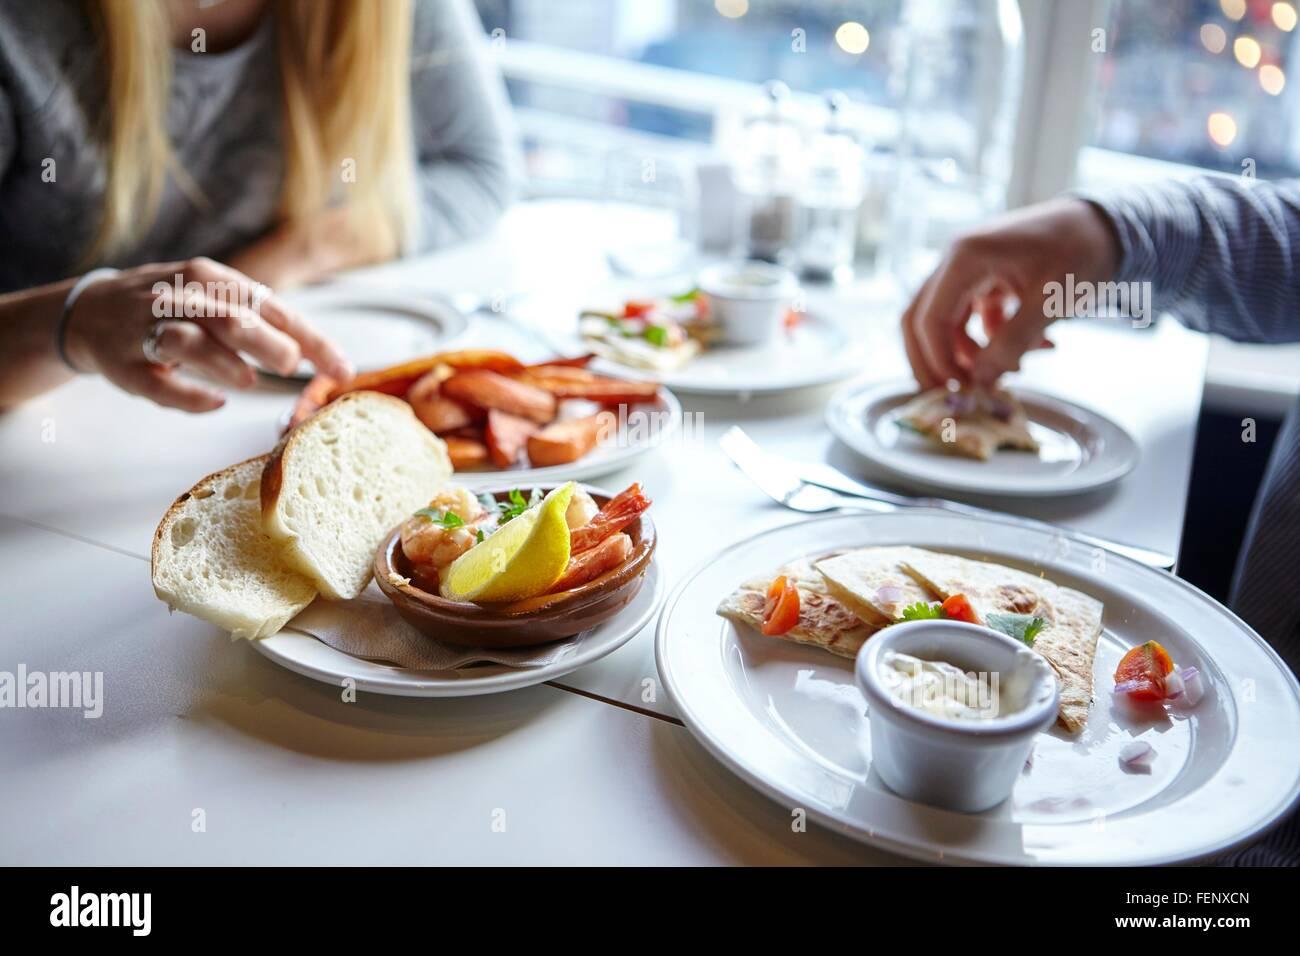 Aufnahme der jungen Paare Hände Finger Essen im Café beschnitten Stockbild